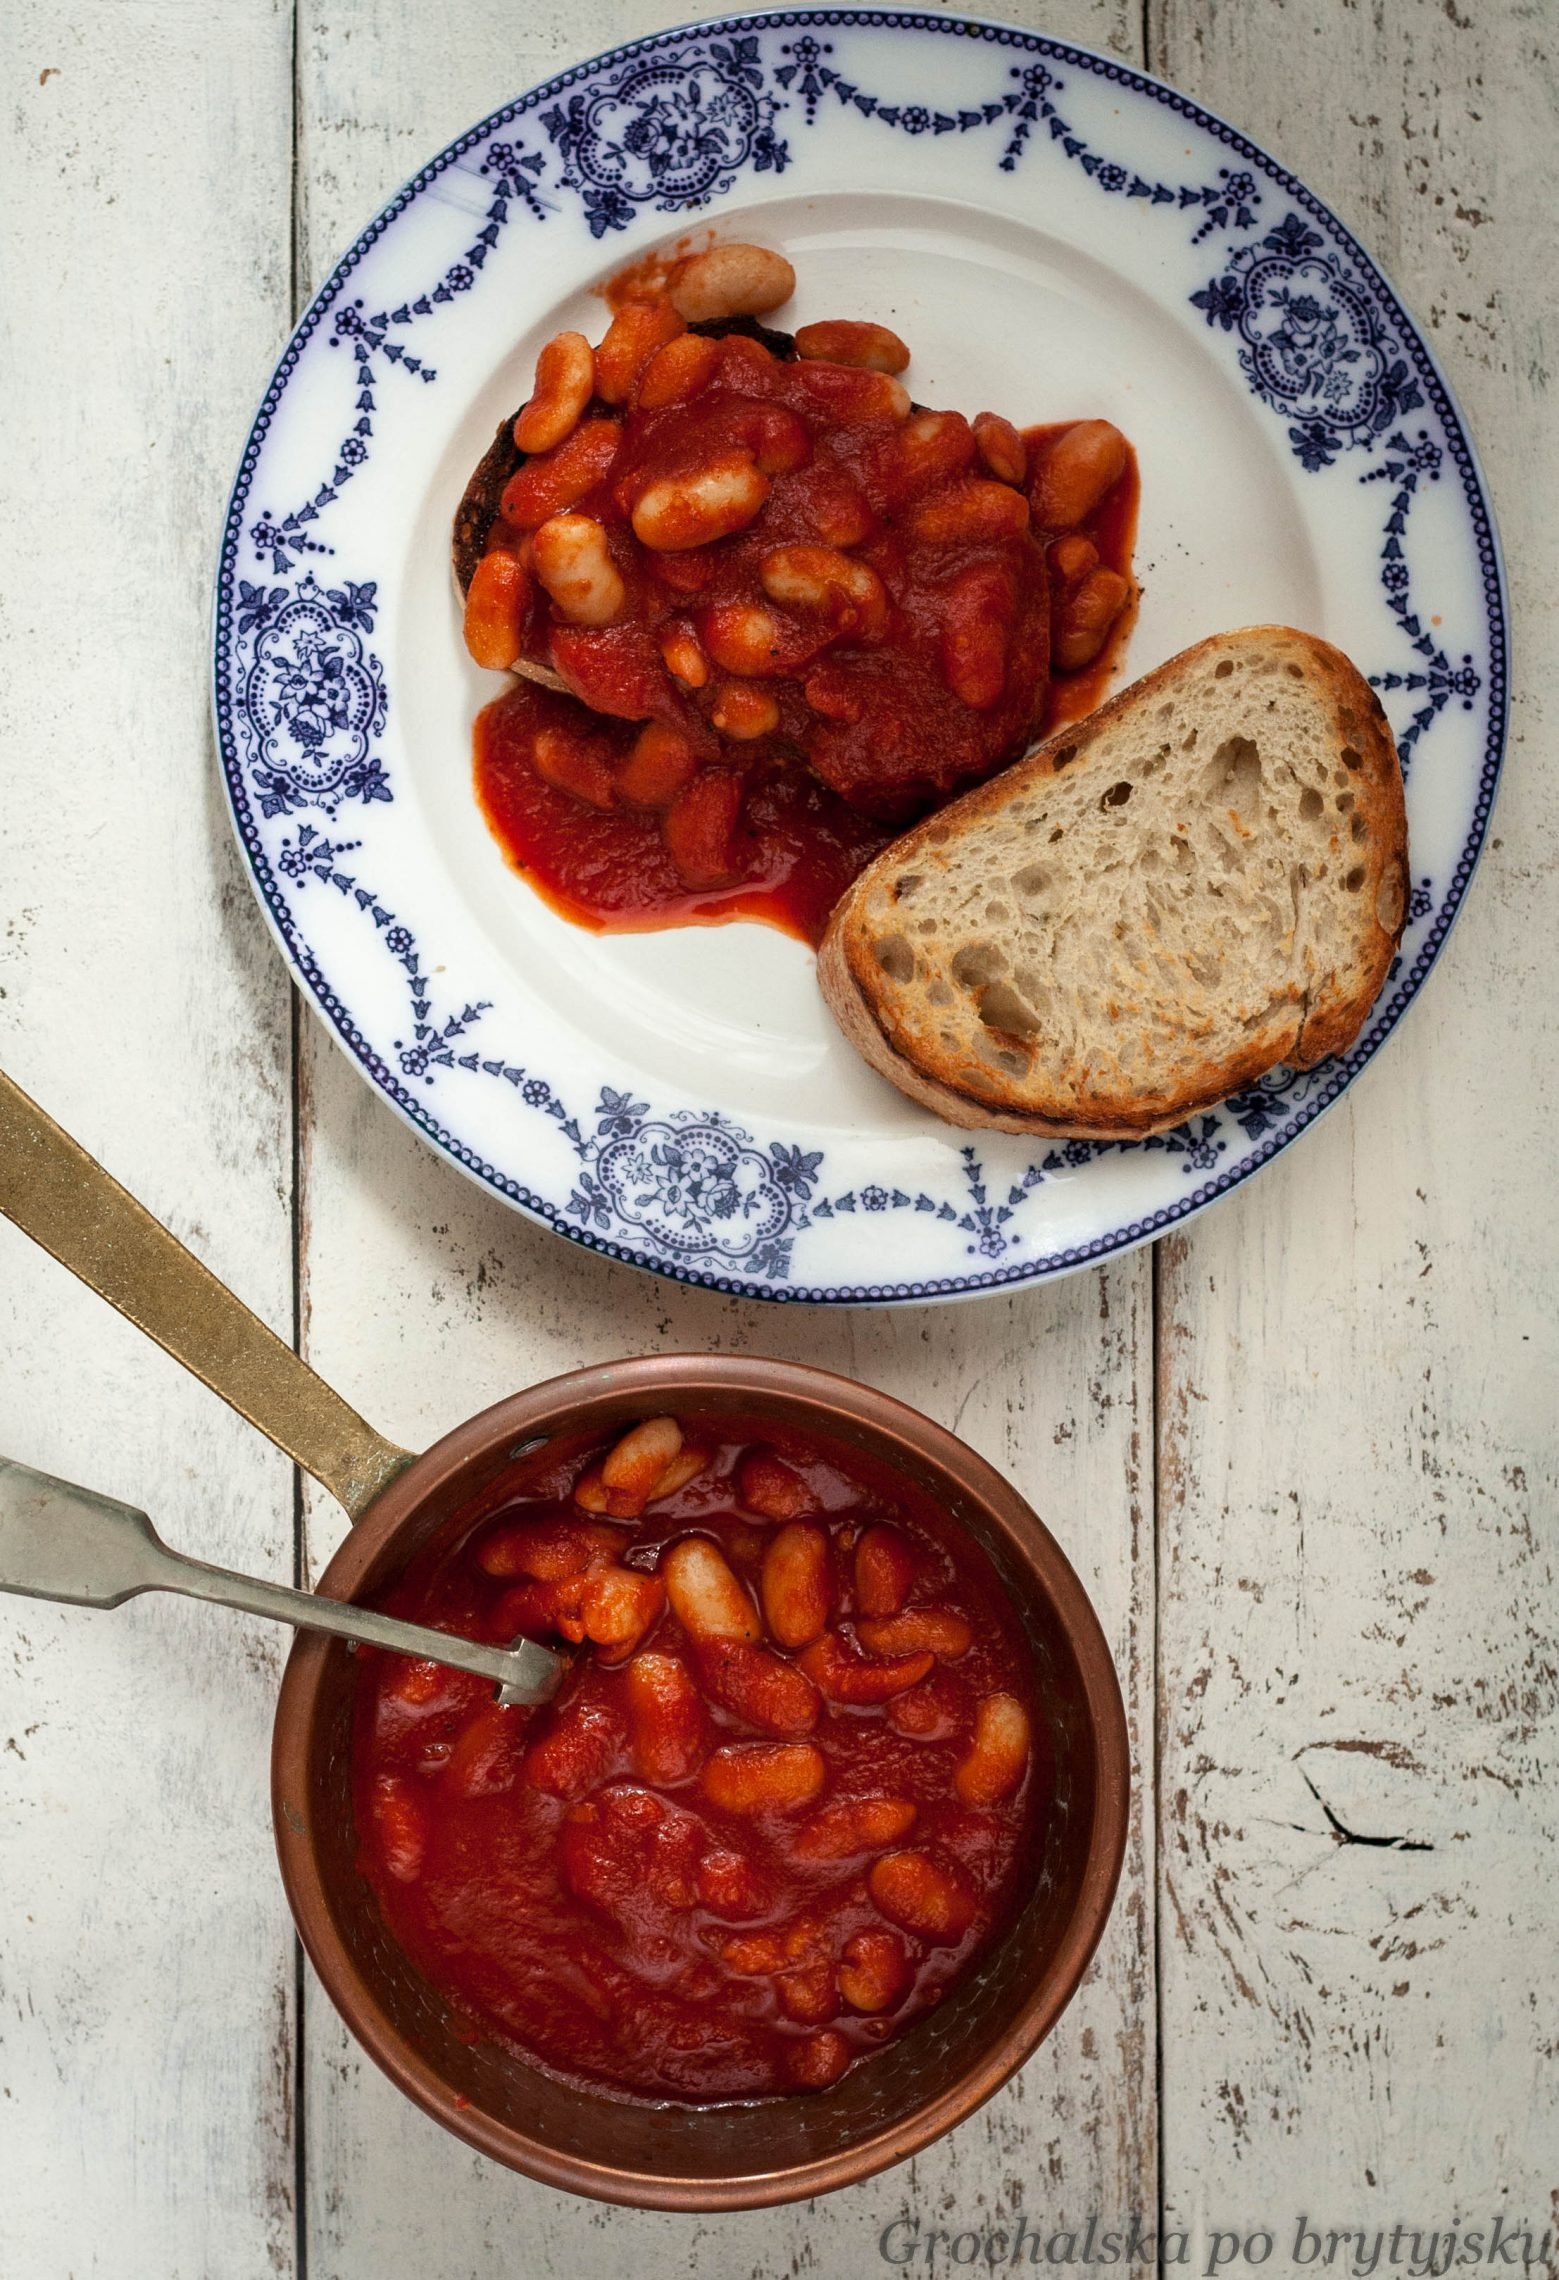 Grochalska po brytyjsku: Baked beans - fasolka w sosie pomidorowym